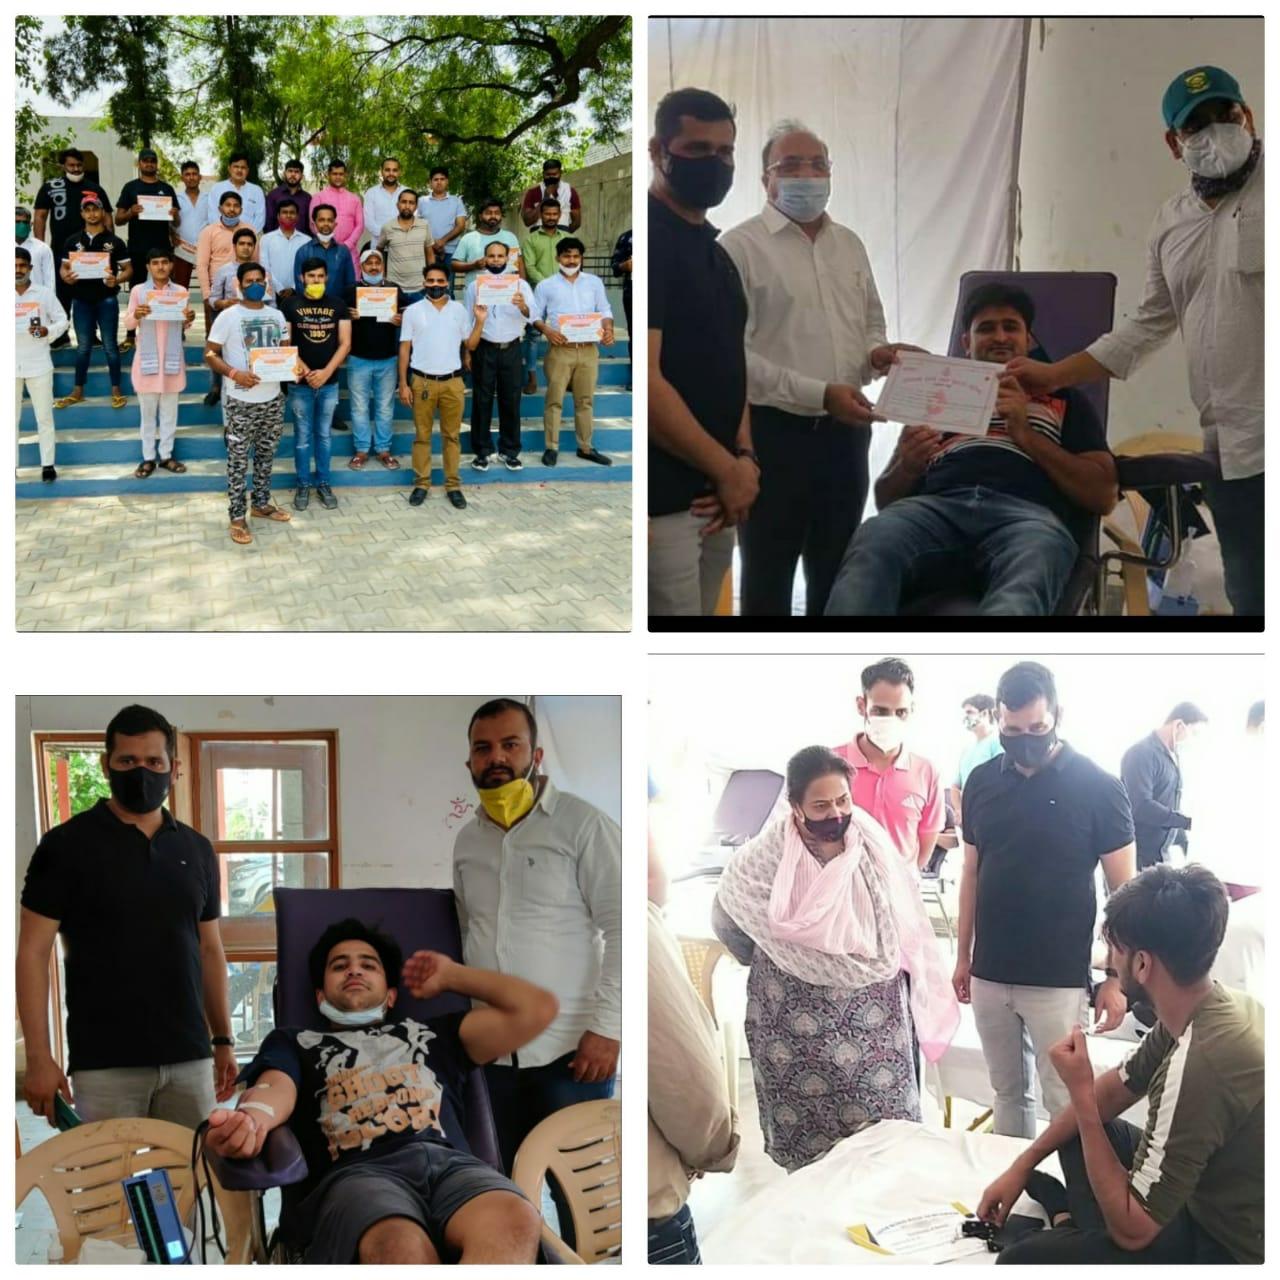 भाजपा युवा मोर्चा के आग्रह पर 580लोगो ने रक्तदान देकर पेश की मिसाल